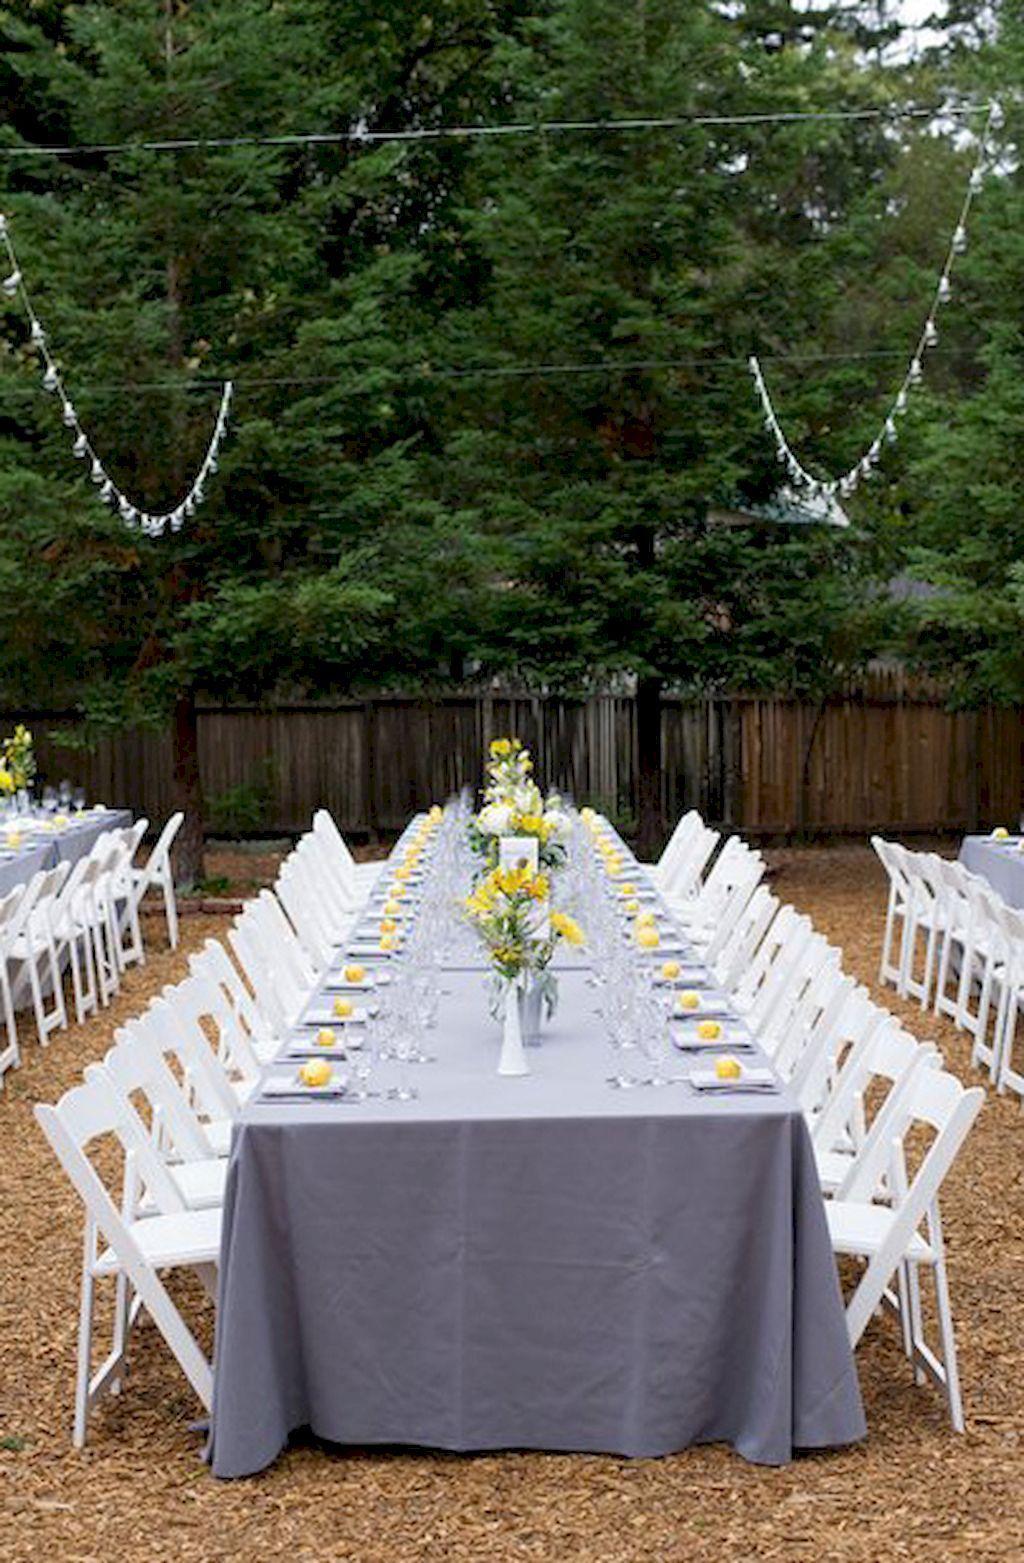 adorable 56 inexpensive backyard wedding decor ideas https